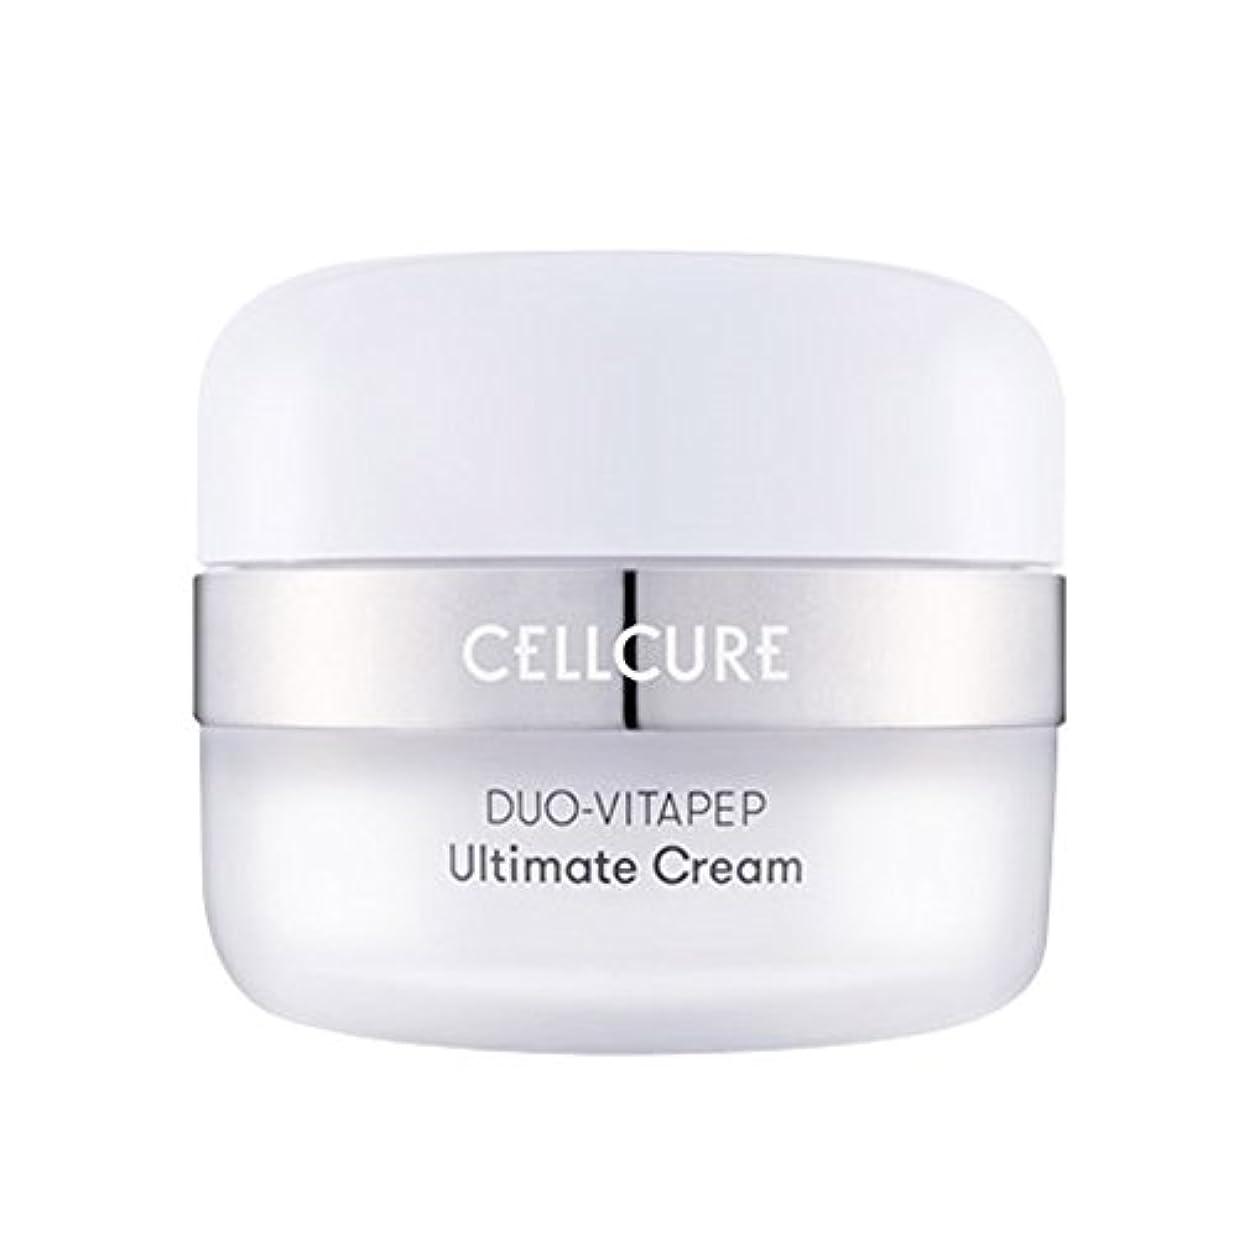 リーダーシップ裏切り者句読点Cellcure Duo-Vitapep Ultimate Cream セルキュアデュオヴィータペップクリーム (50ml)